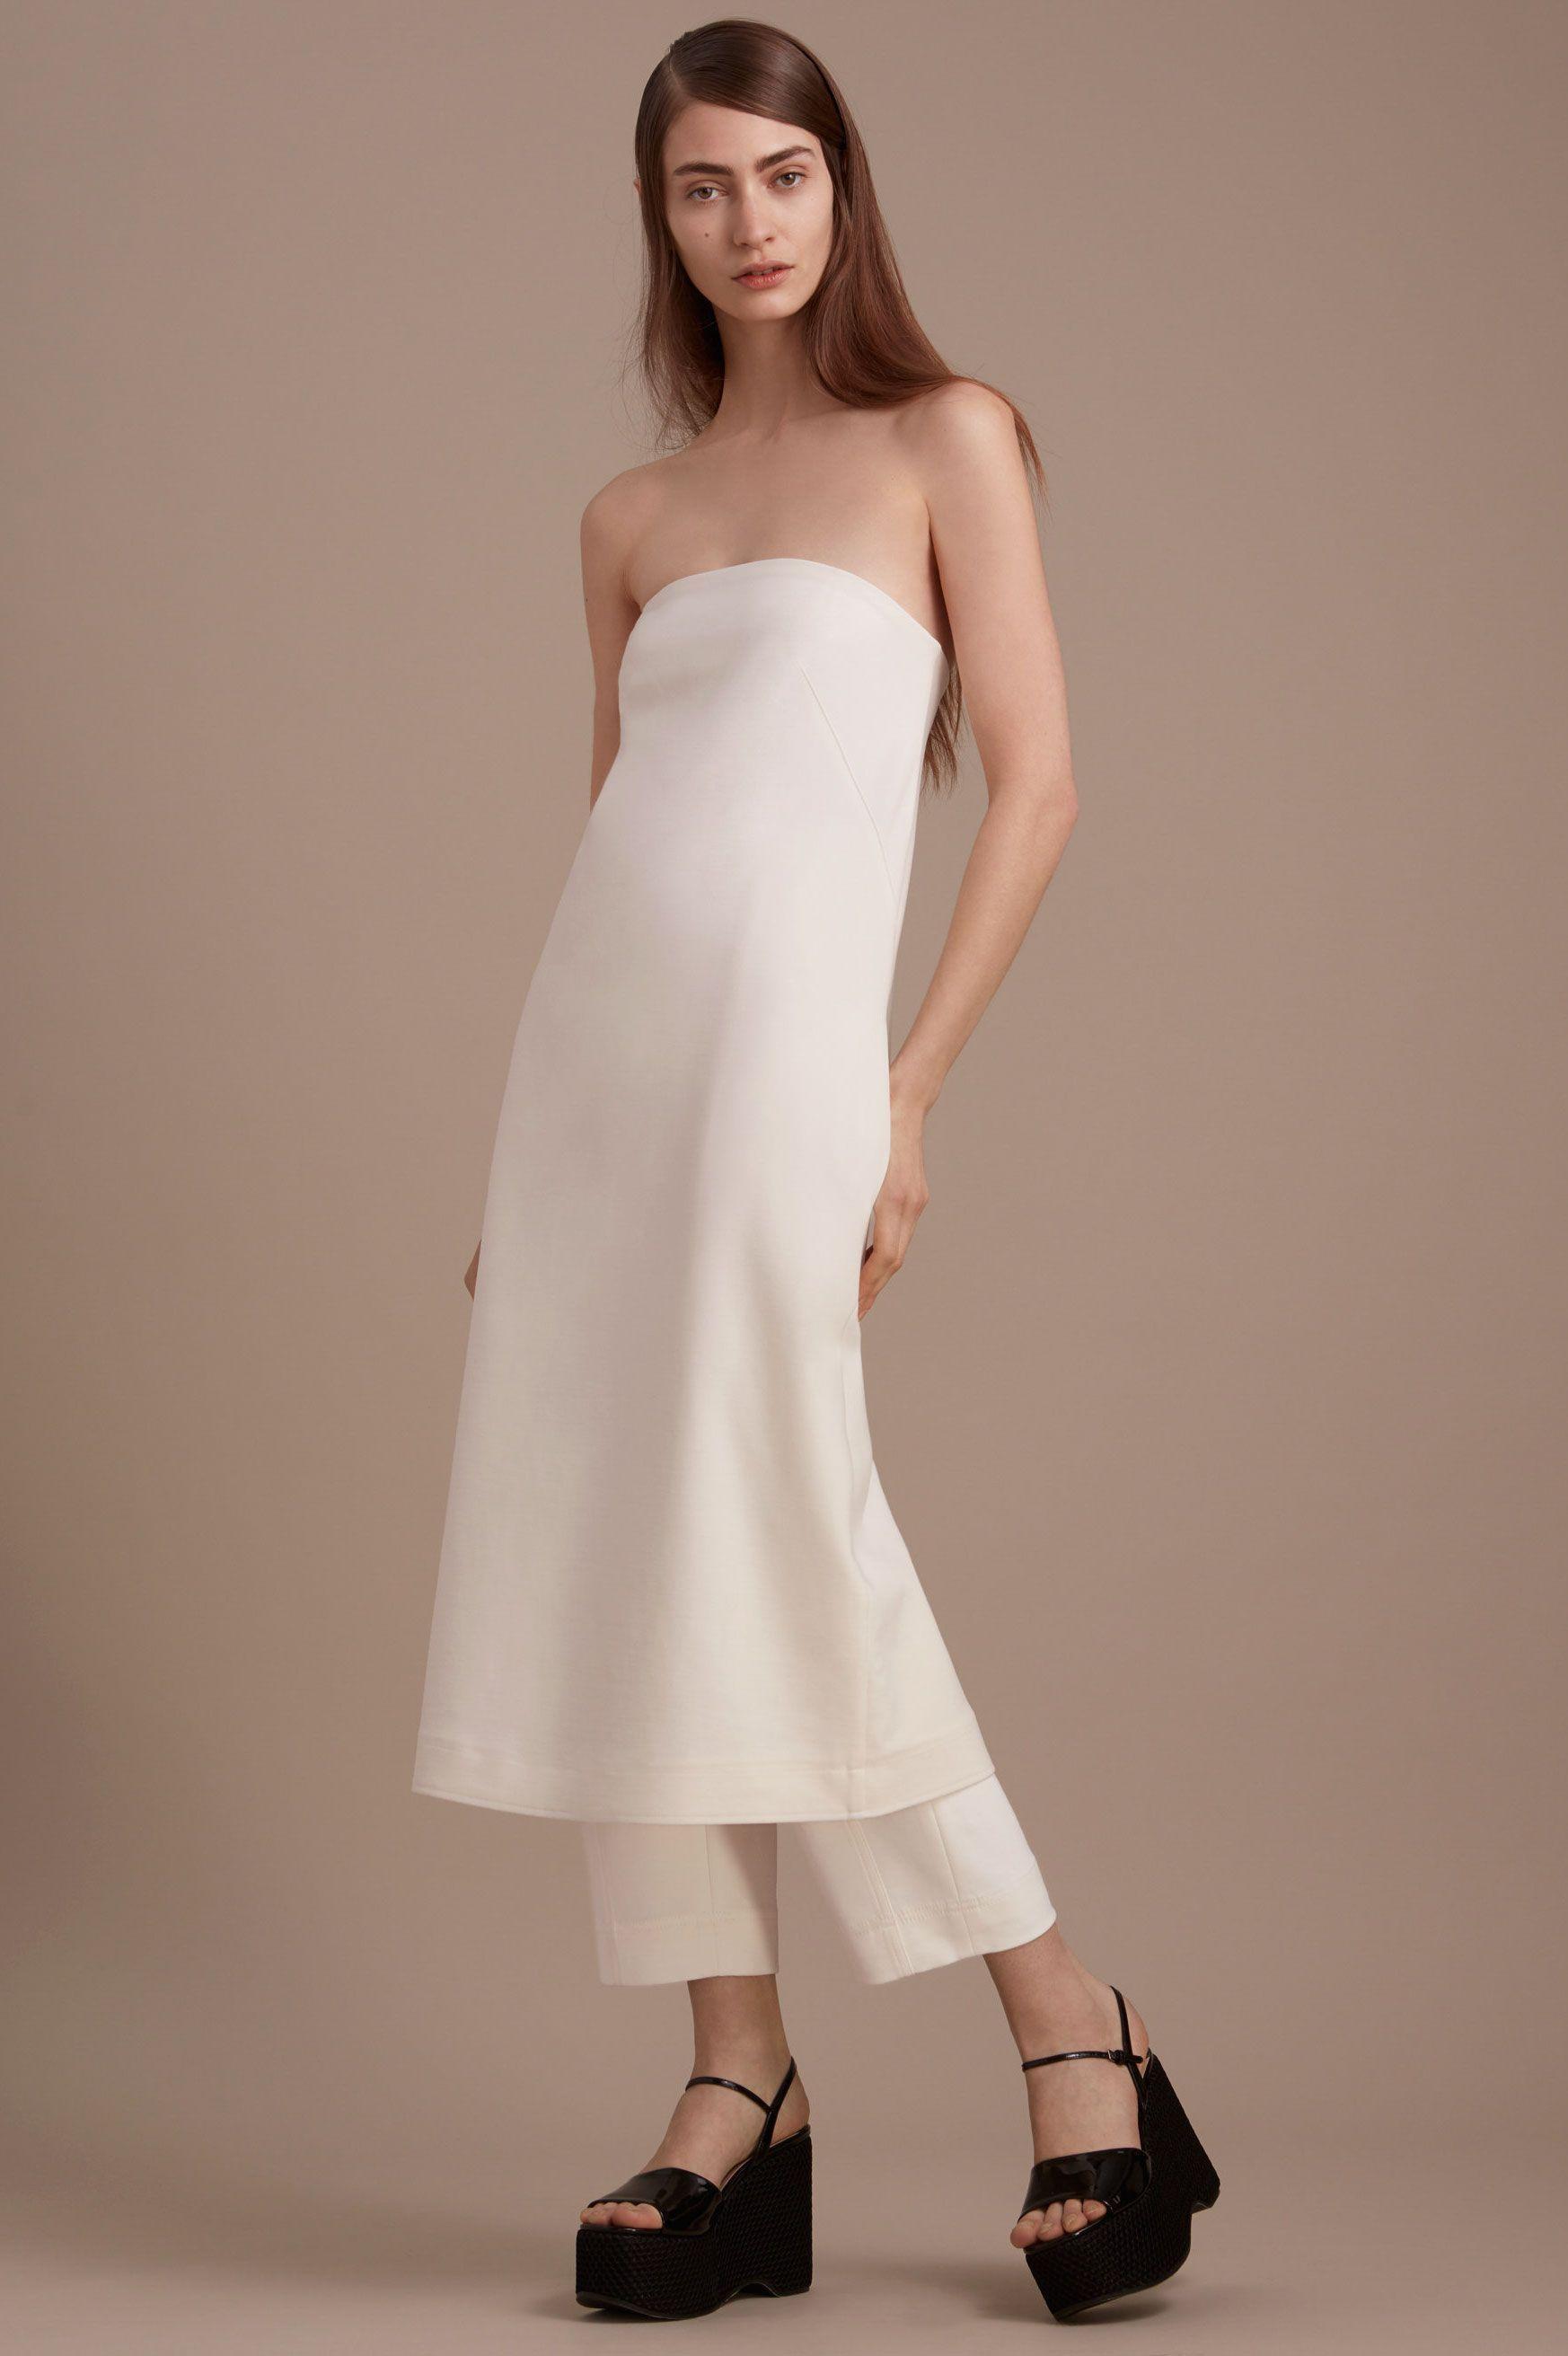 Ungewöhnlich Im Unteren Rücken Partykleid Ideen - Brautkleider Ideen ...